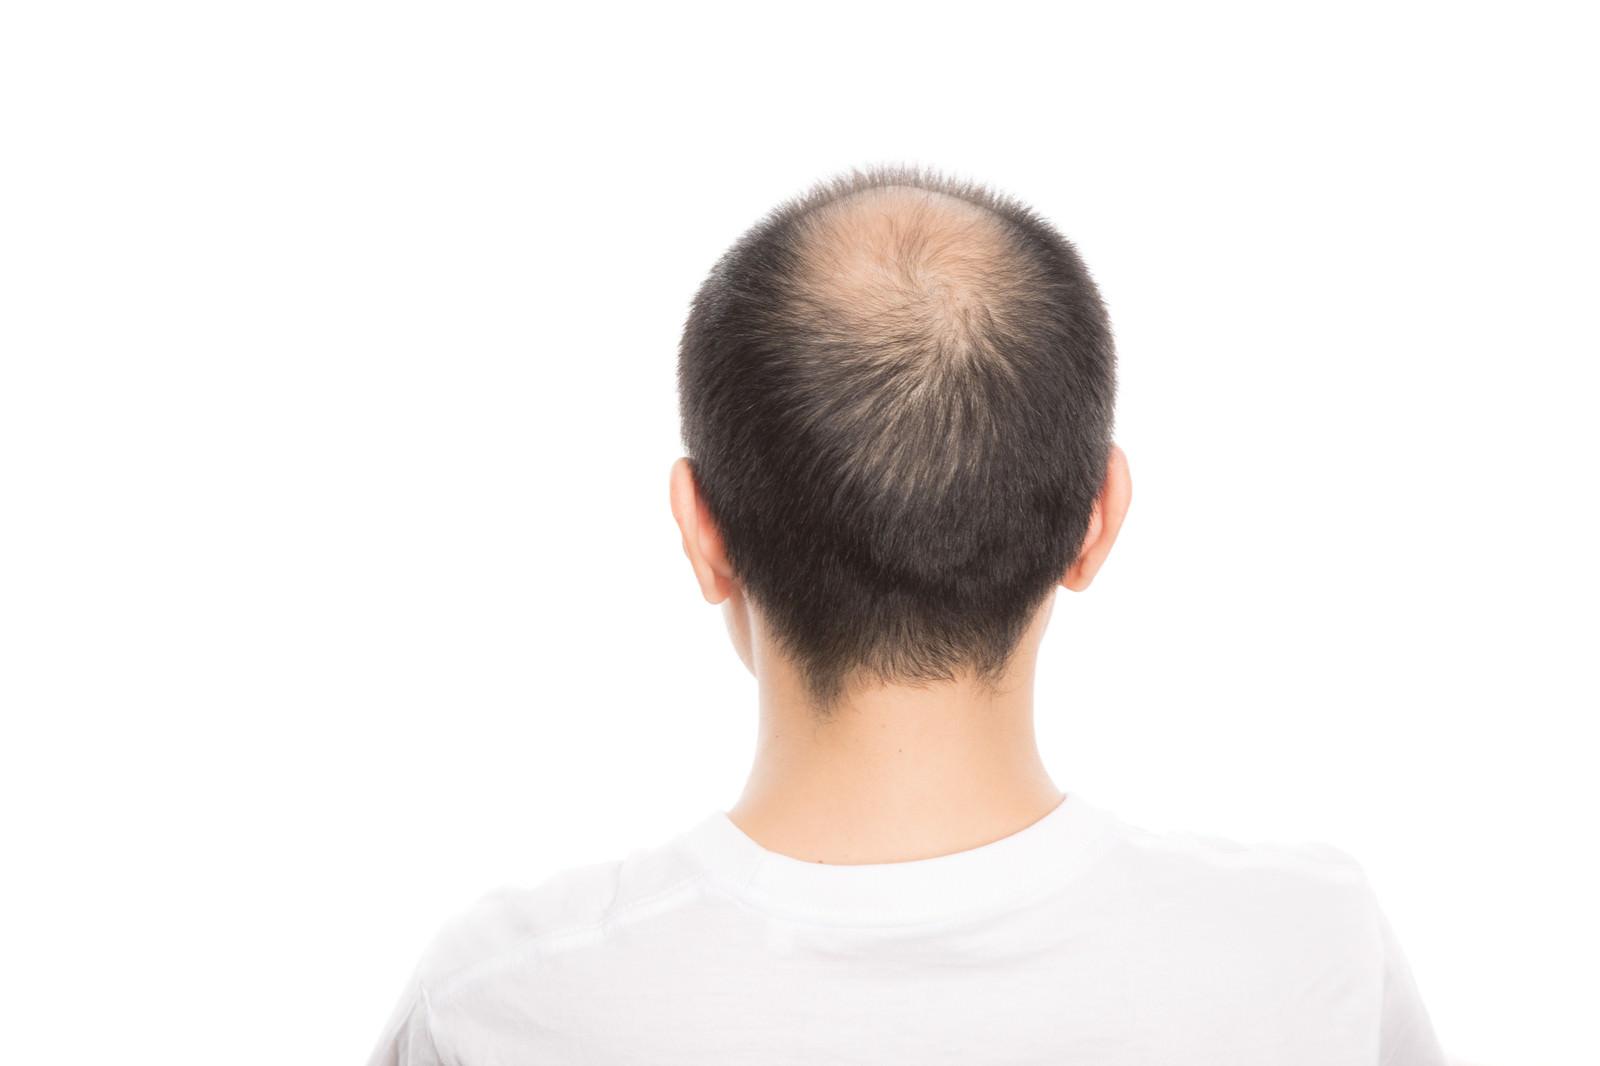 「頭頂部が薄毛(男性型脱毛症)の男性の後ろ姿」の写真[モデル:サンライズ鈴木]